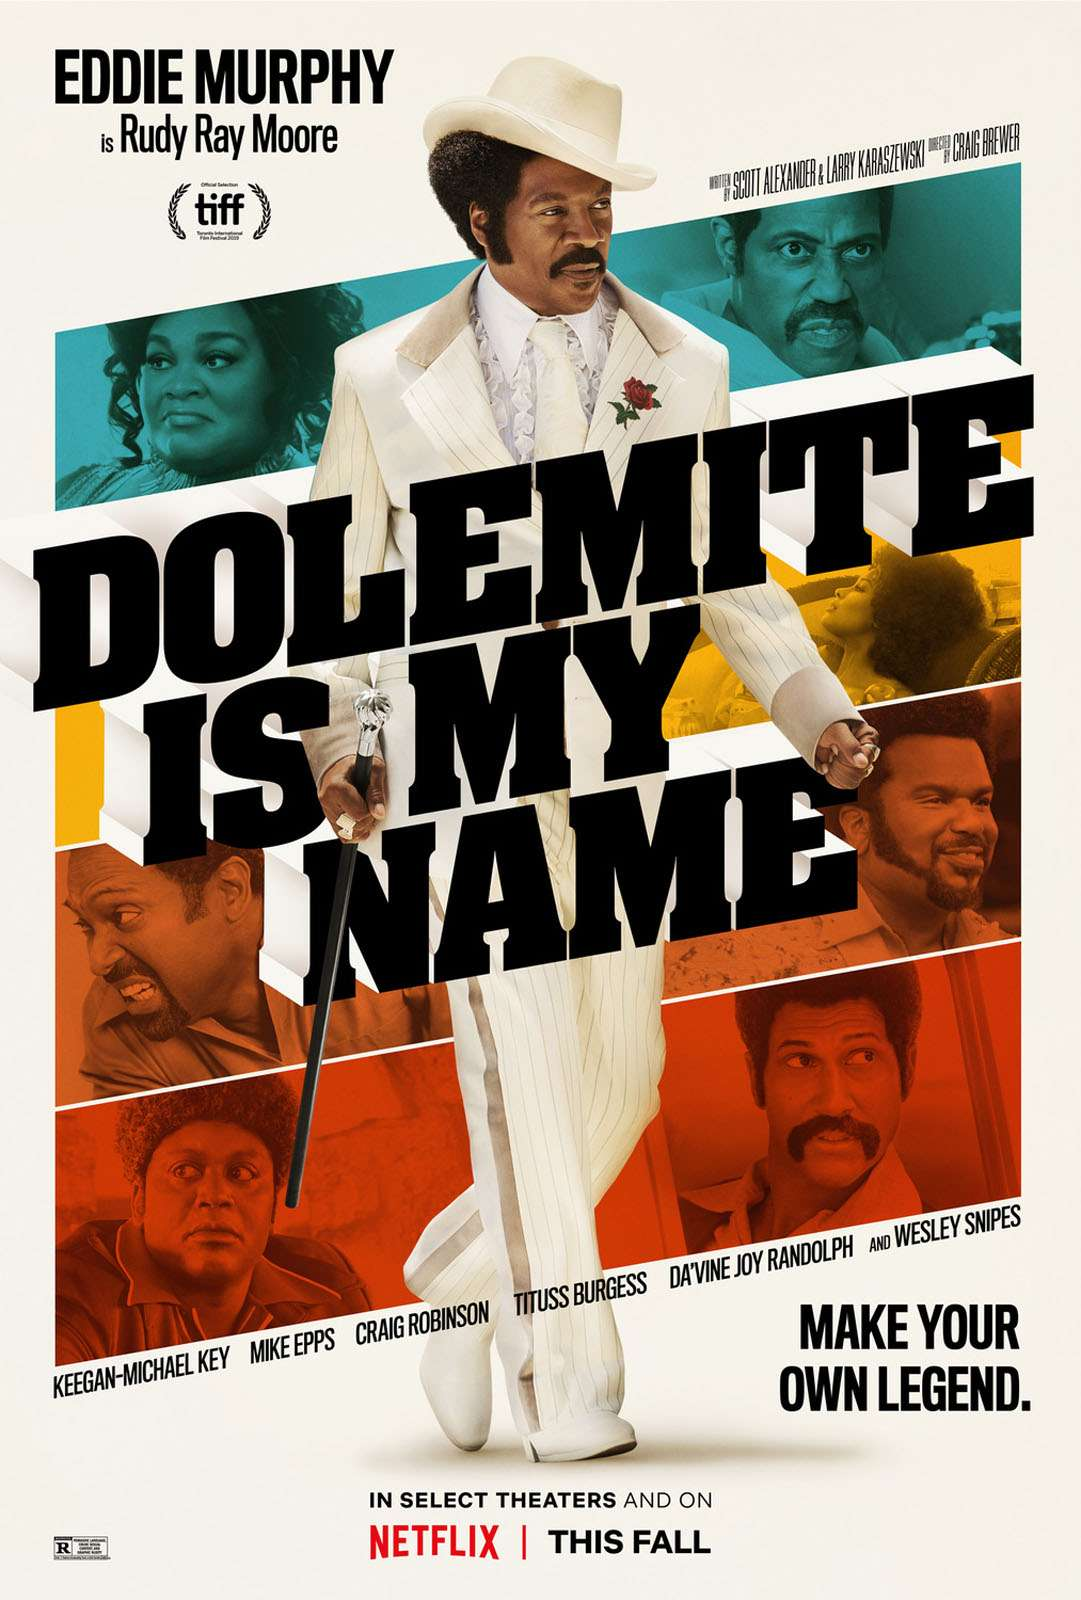 Mon nom est Dolemite